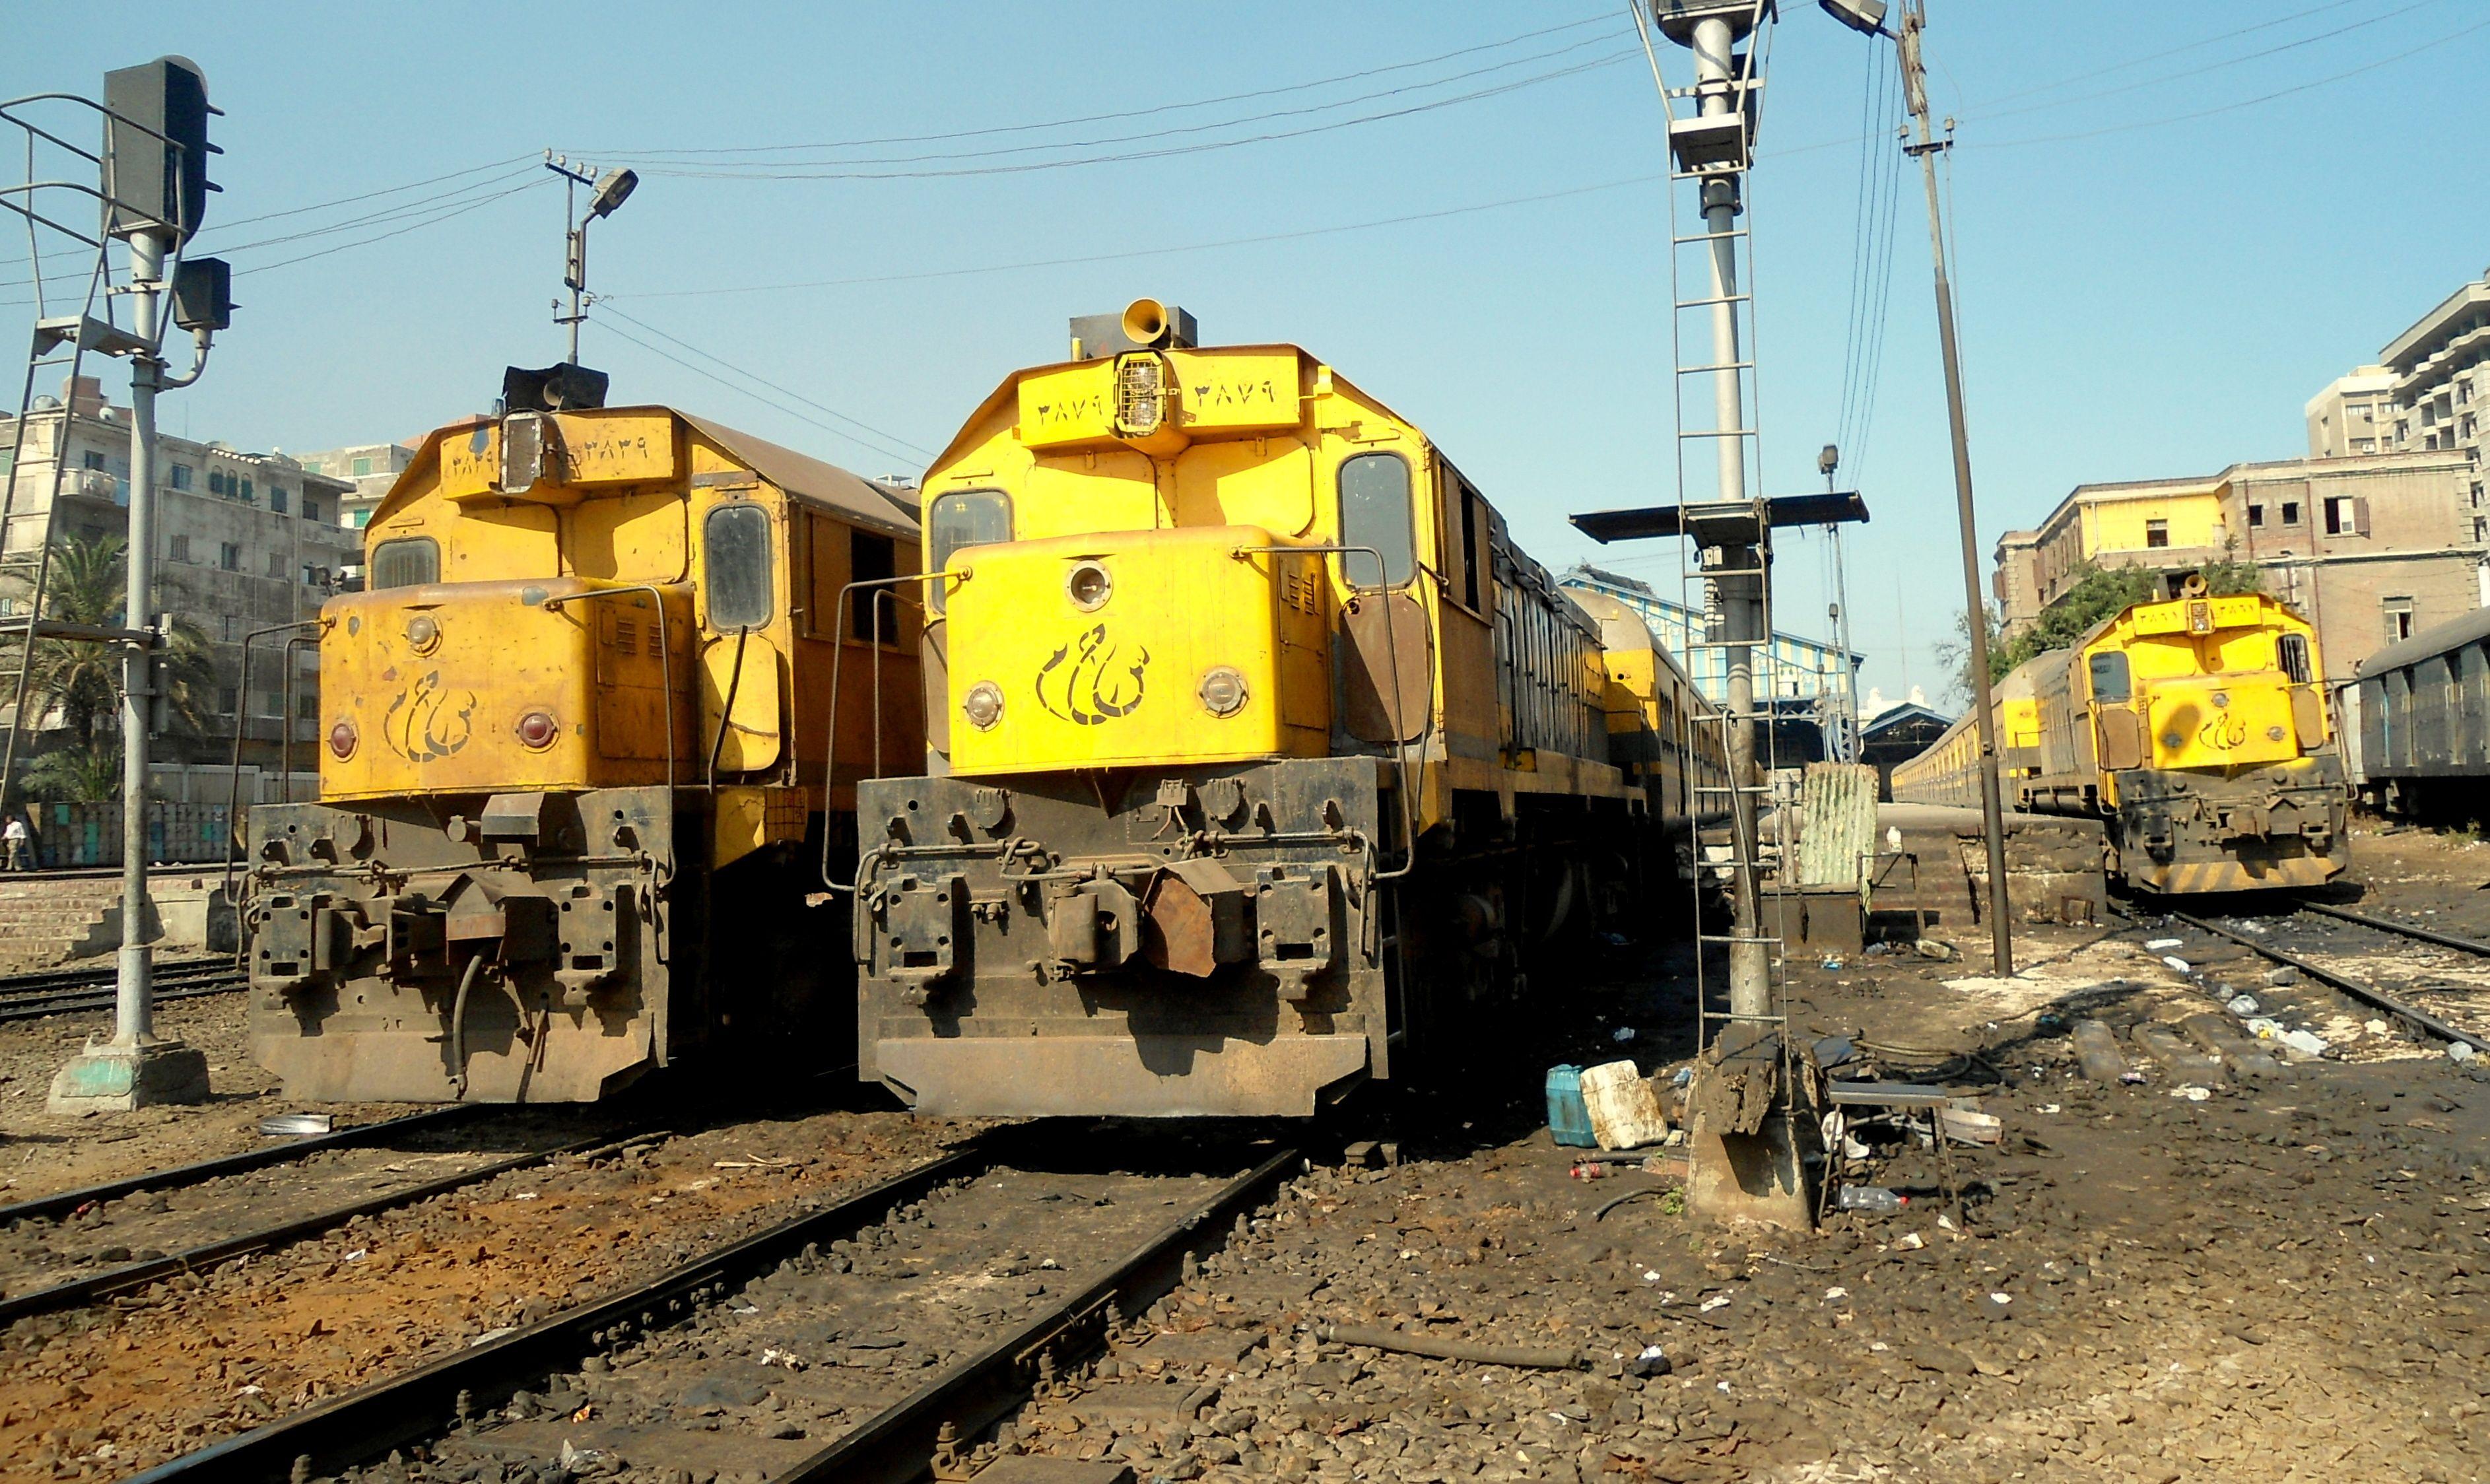 EMD G22WAC - 3839- 3879 AT ALEXANDRIA 2012 BY AMRO SARHAN